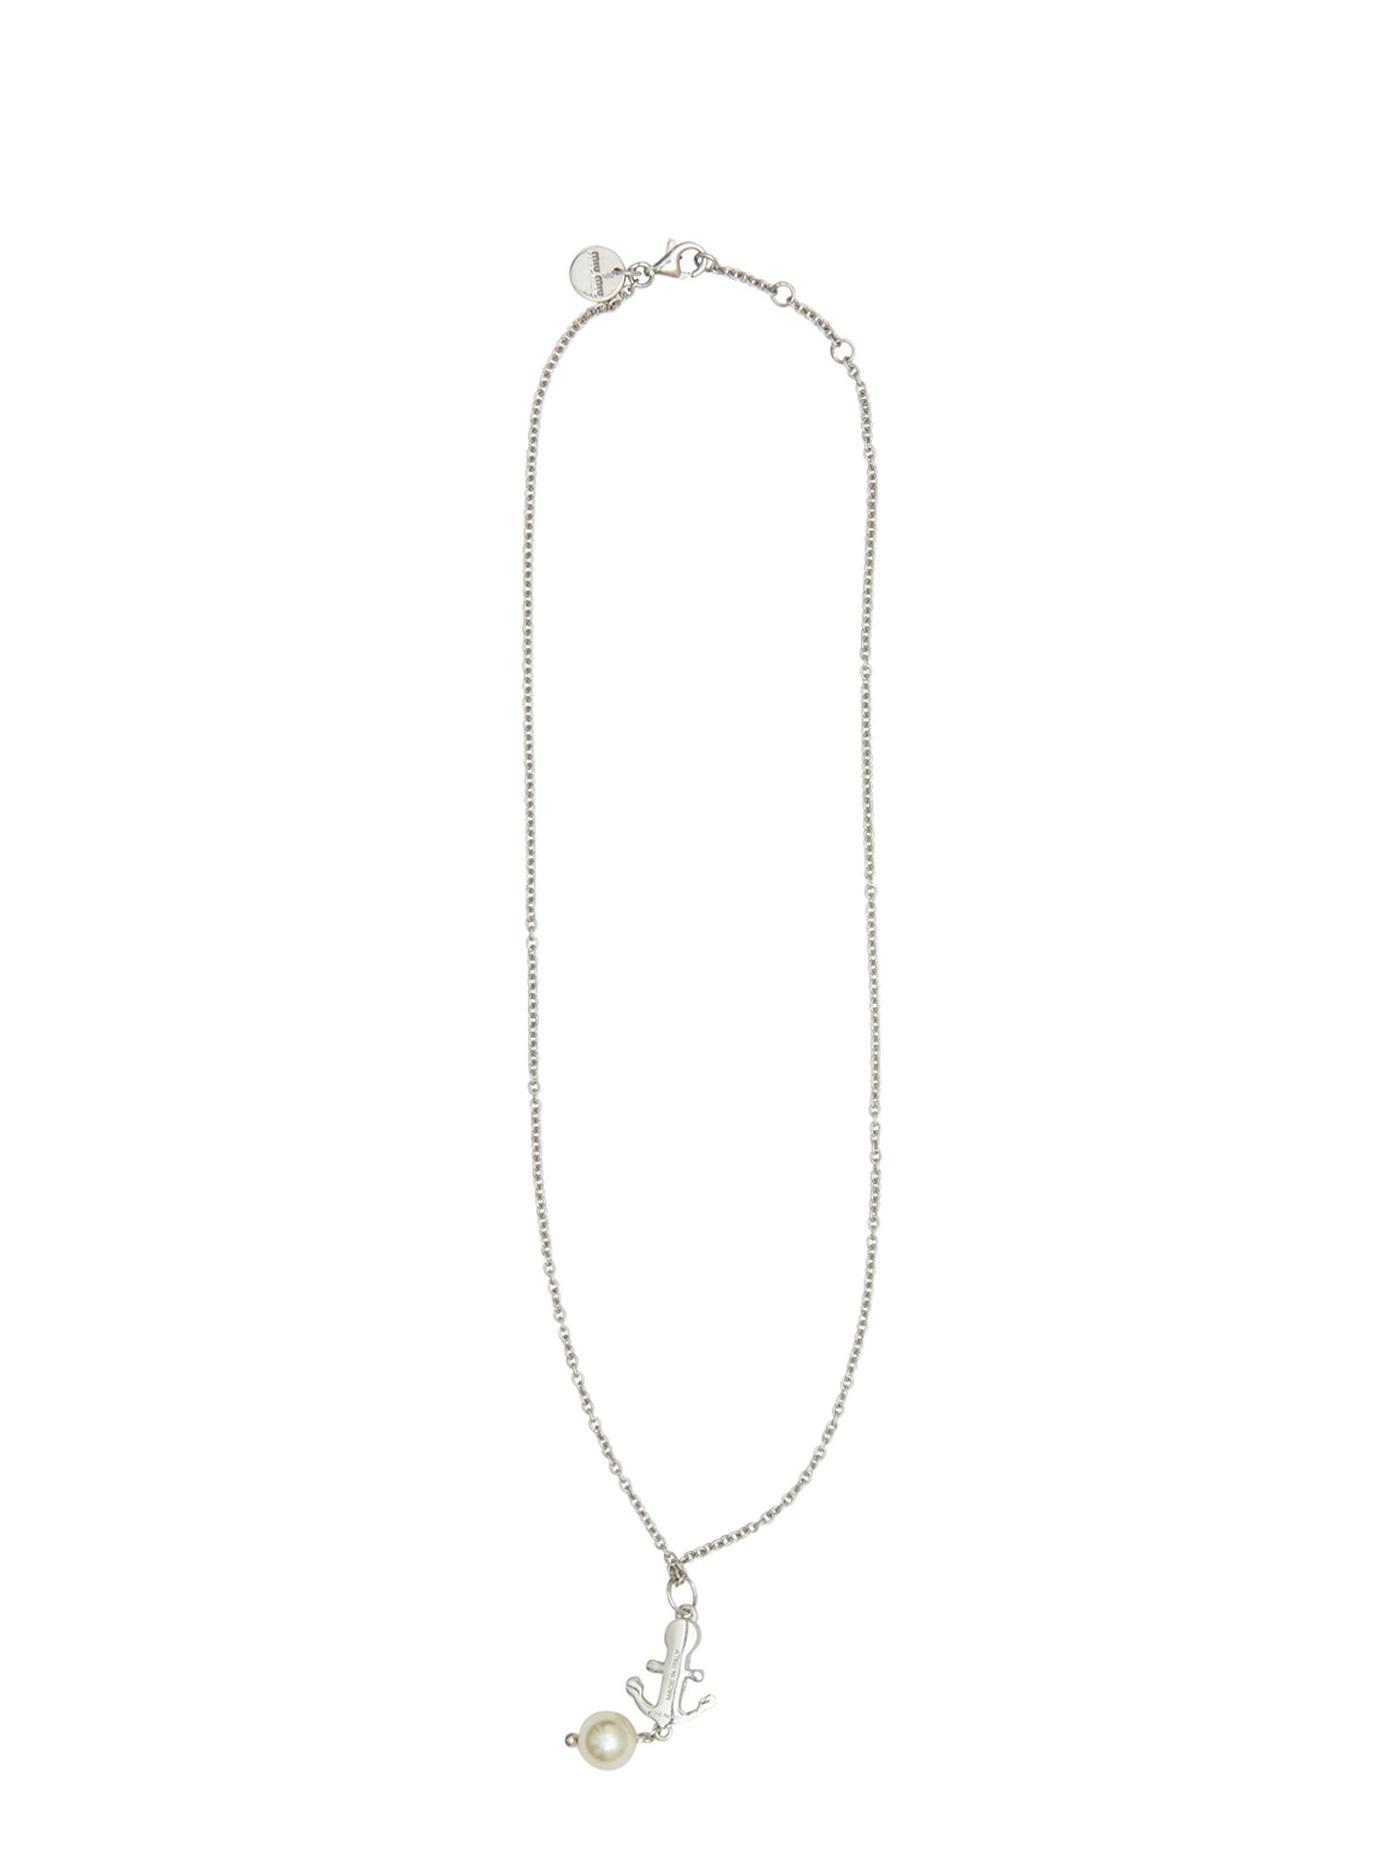 Miu Miu Silver Anchor Necklace in Metallic